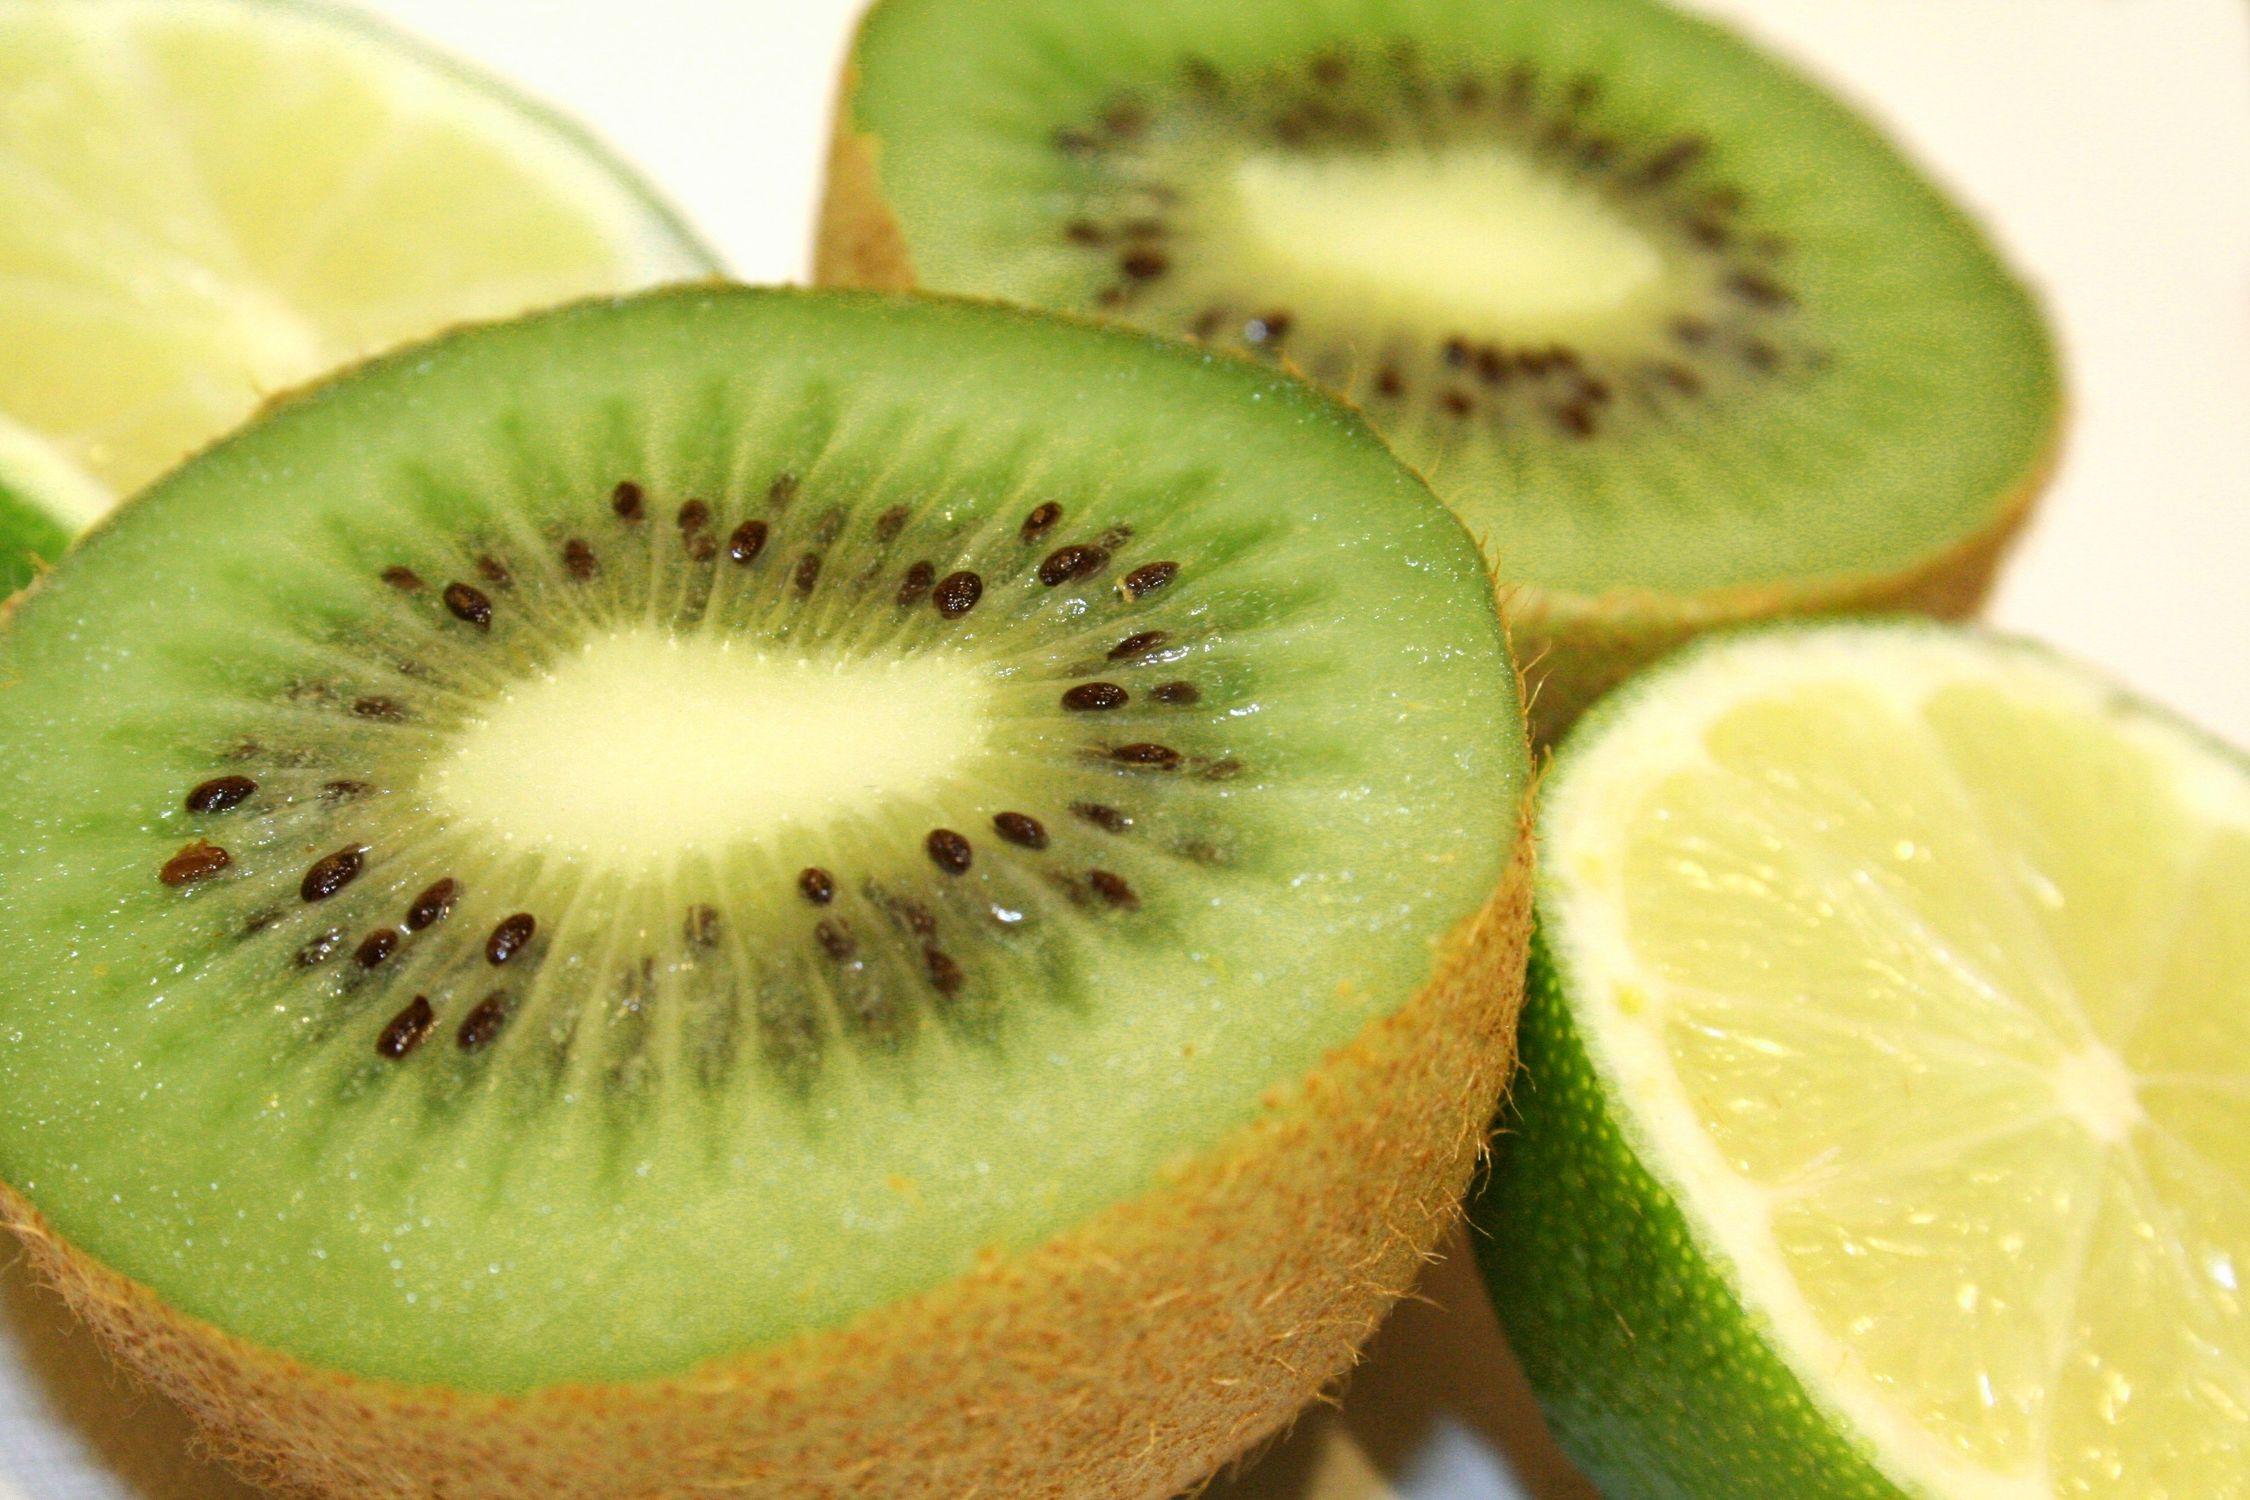 Bild mit Früchte, Lebensmittel, Essen, Frucht, Kiwi, Kiwies, Kiwifrucht